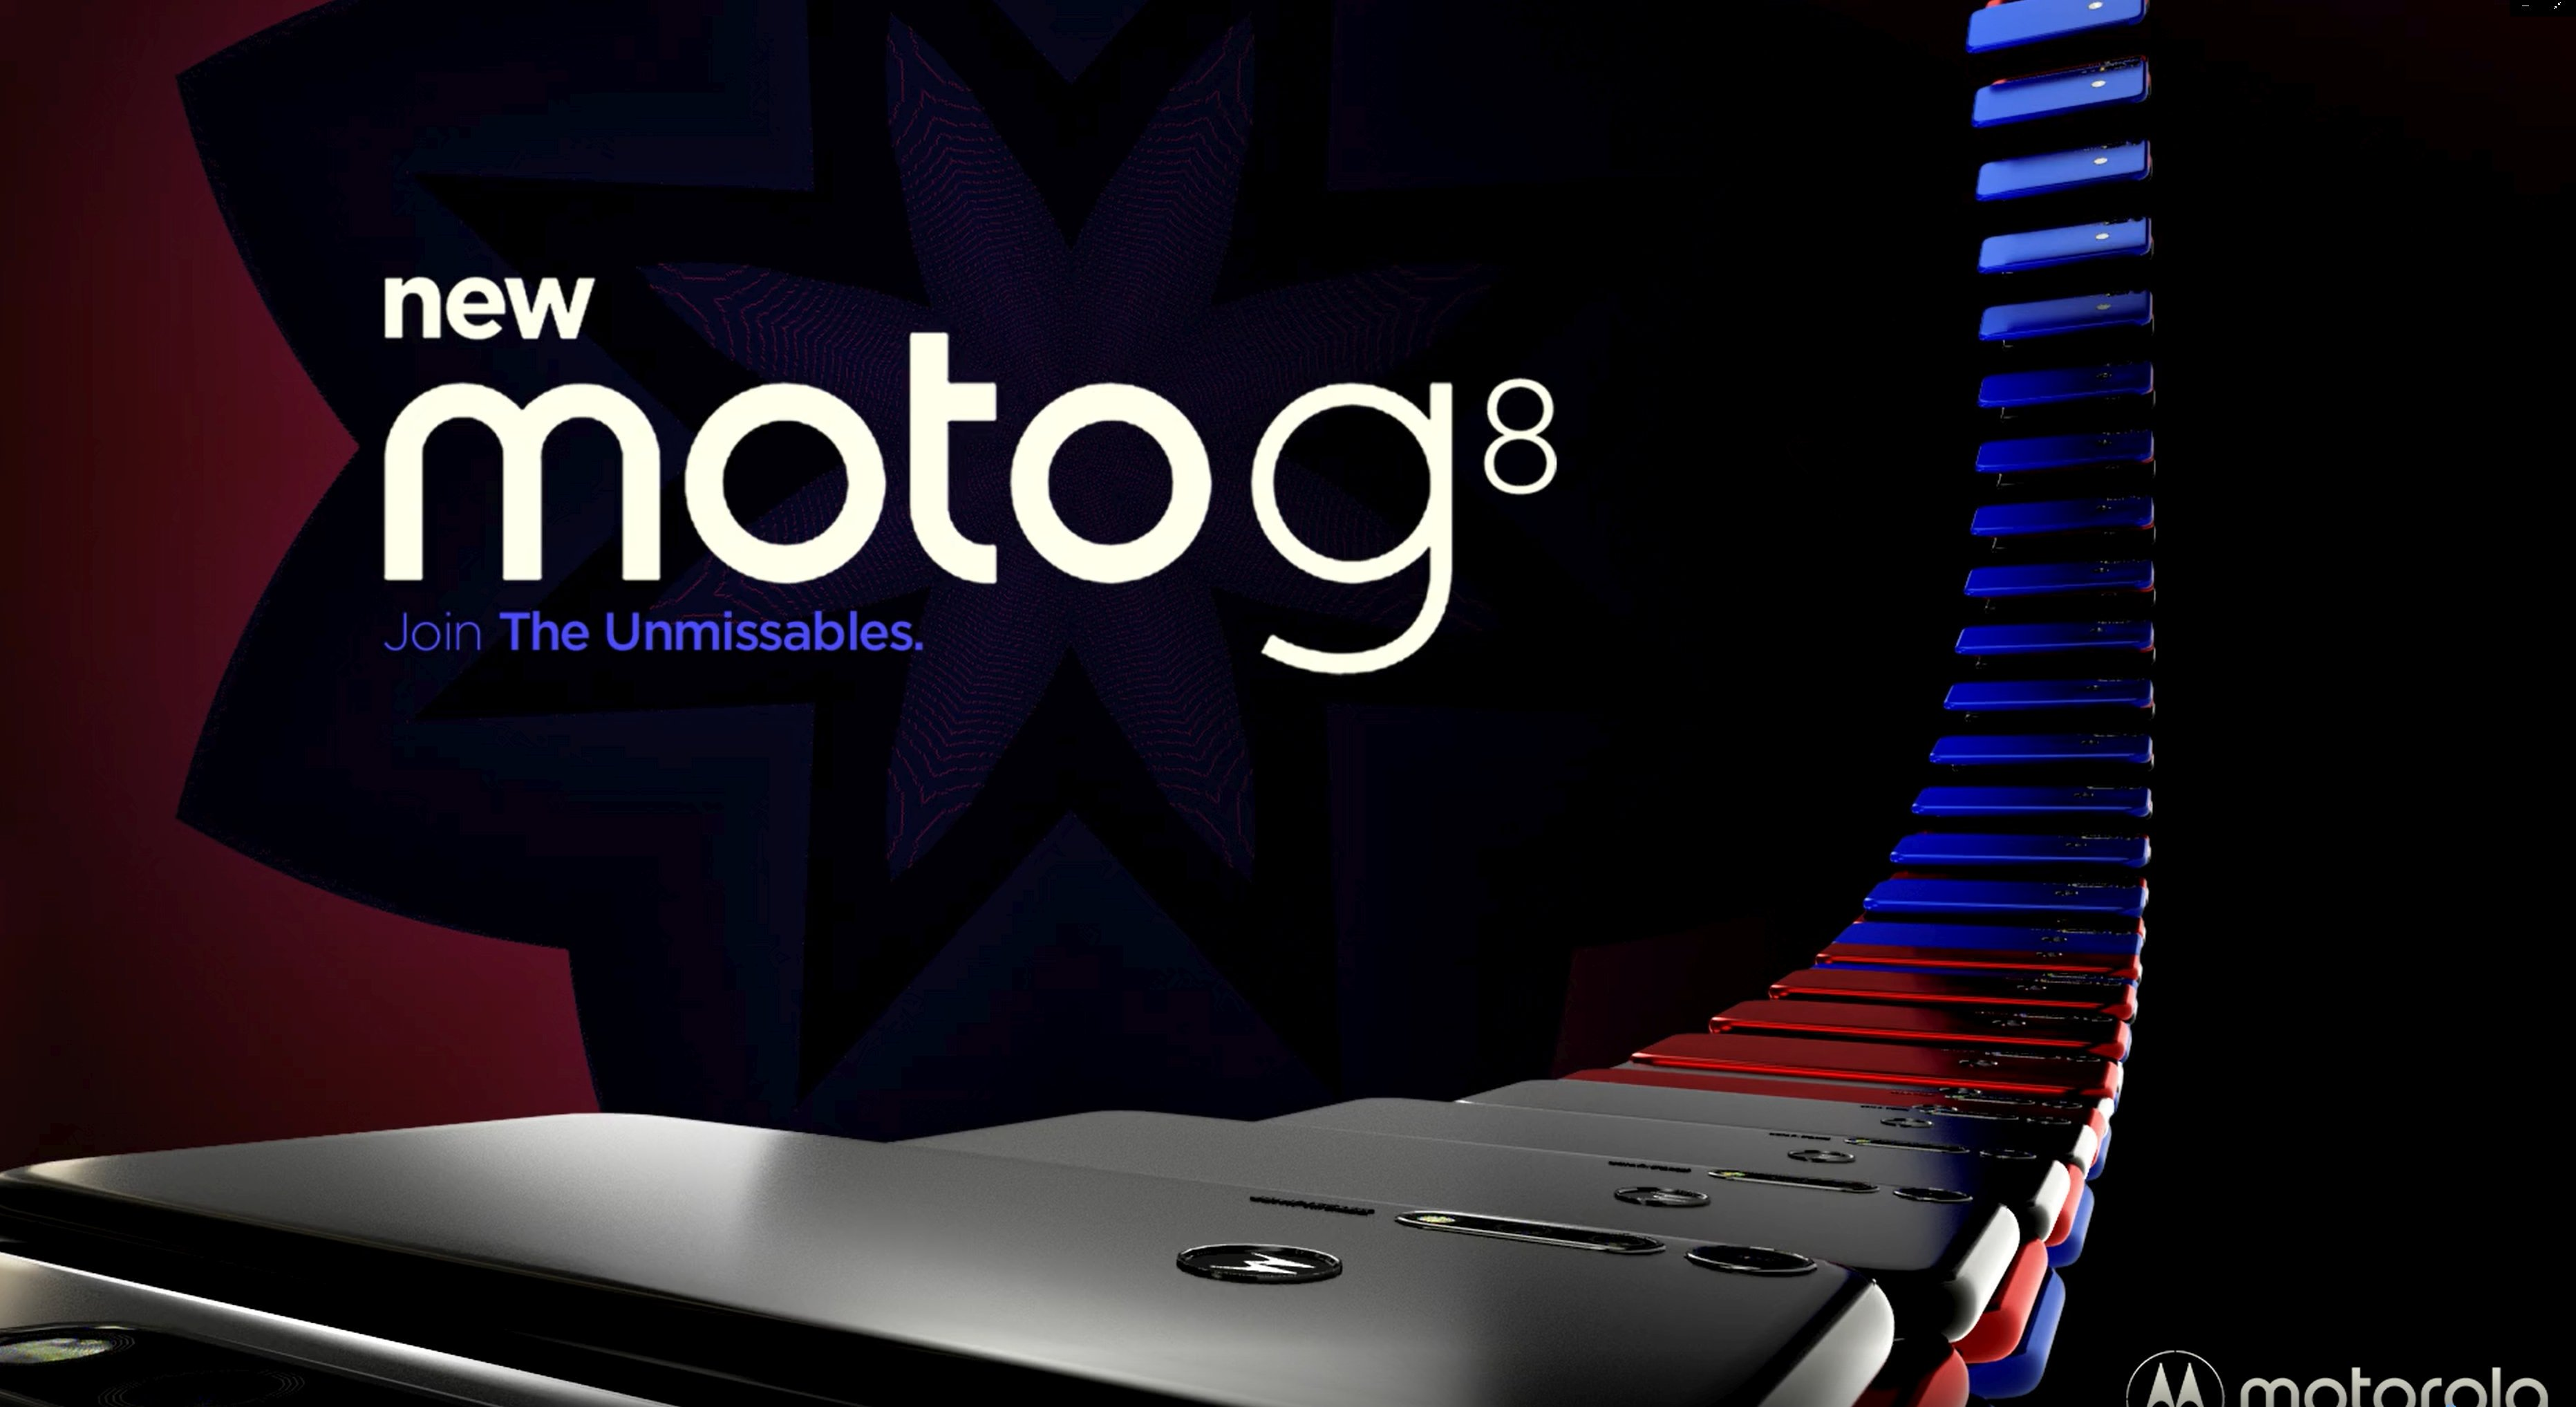 smartfon Motorola Moto G8